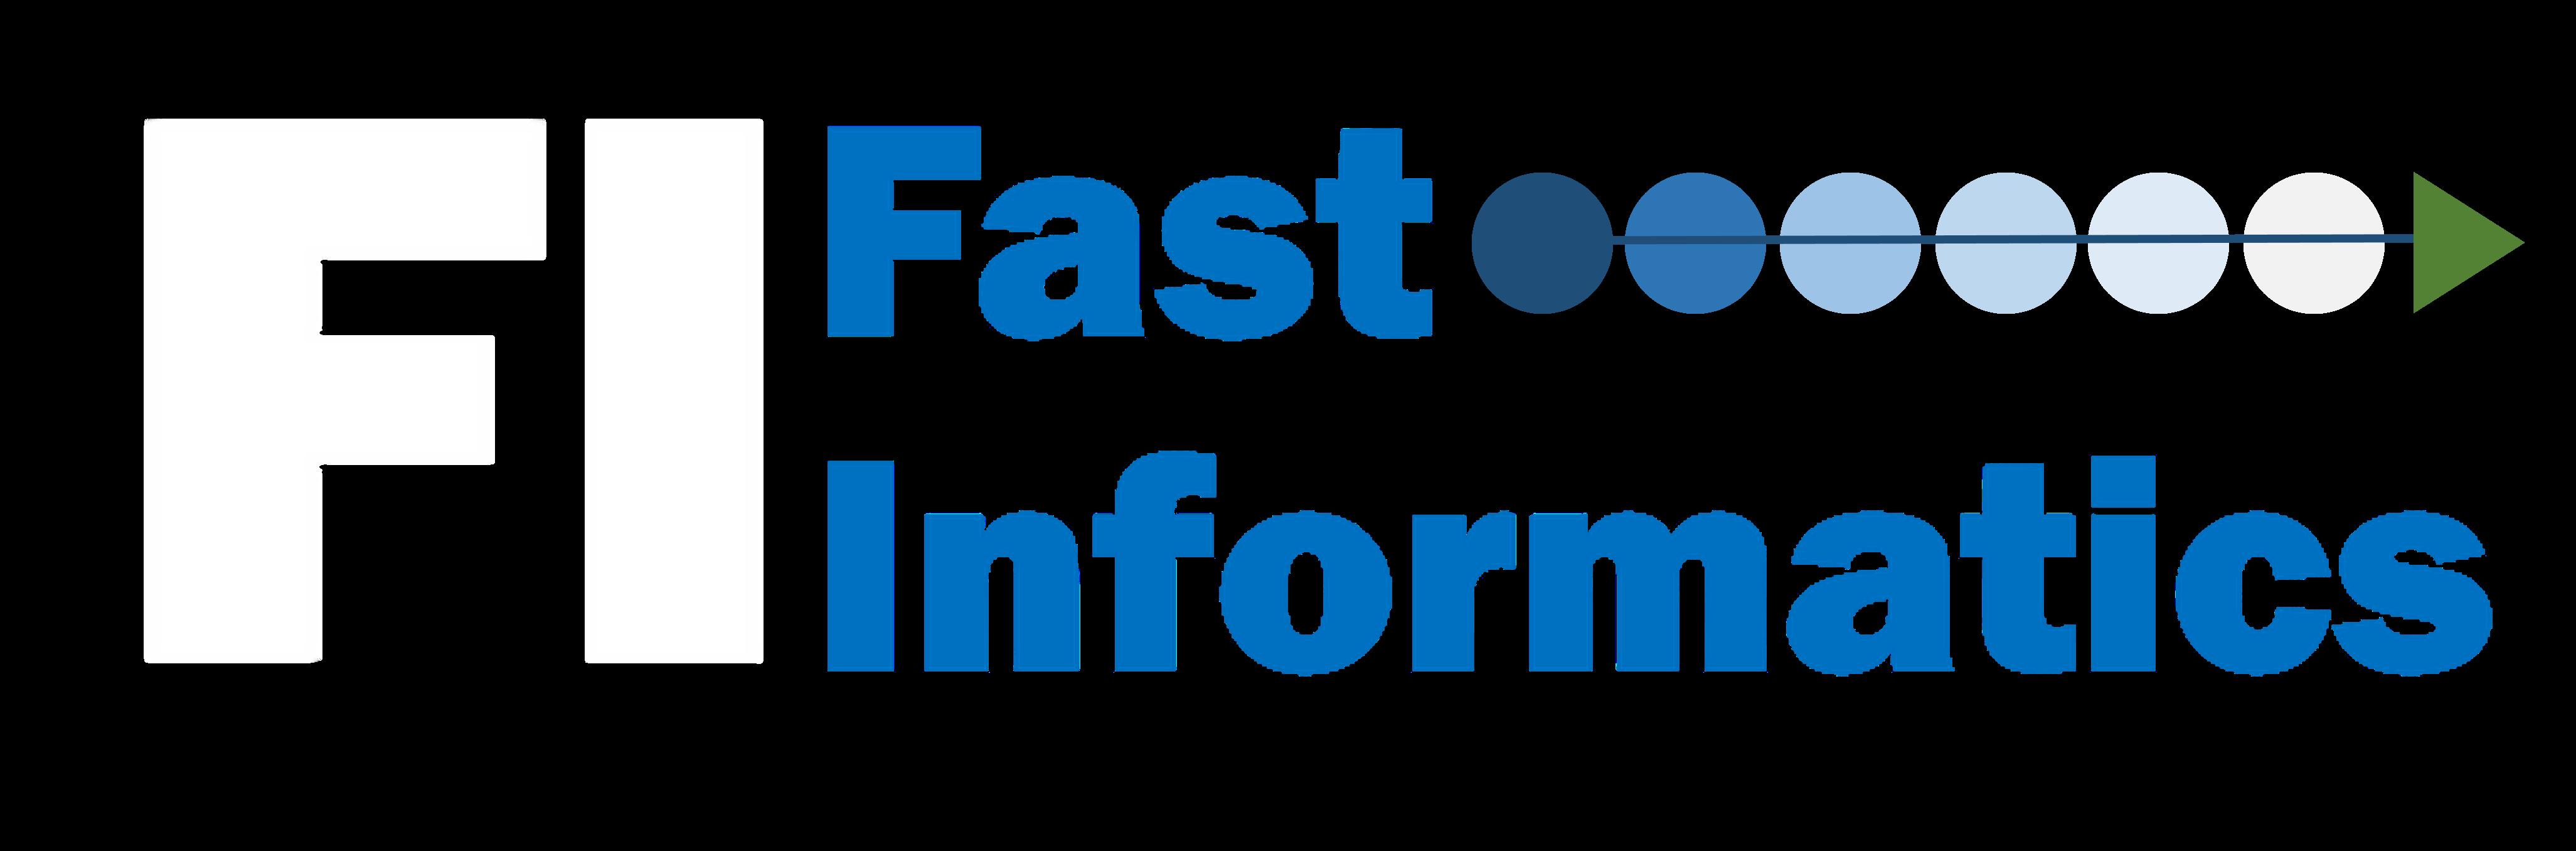 Fast Informatics